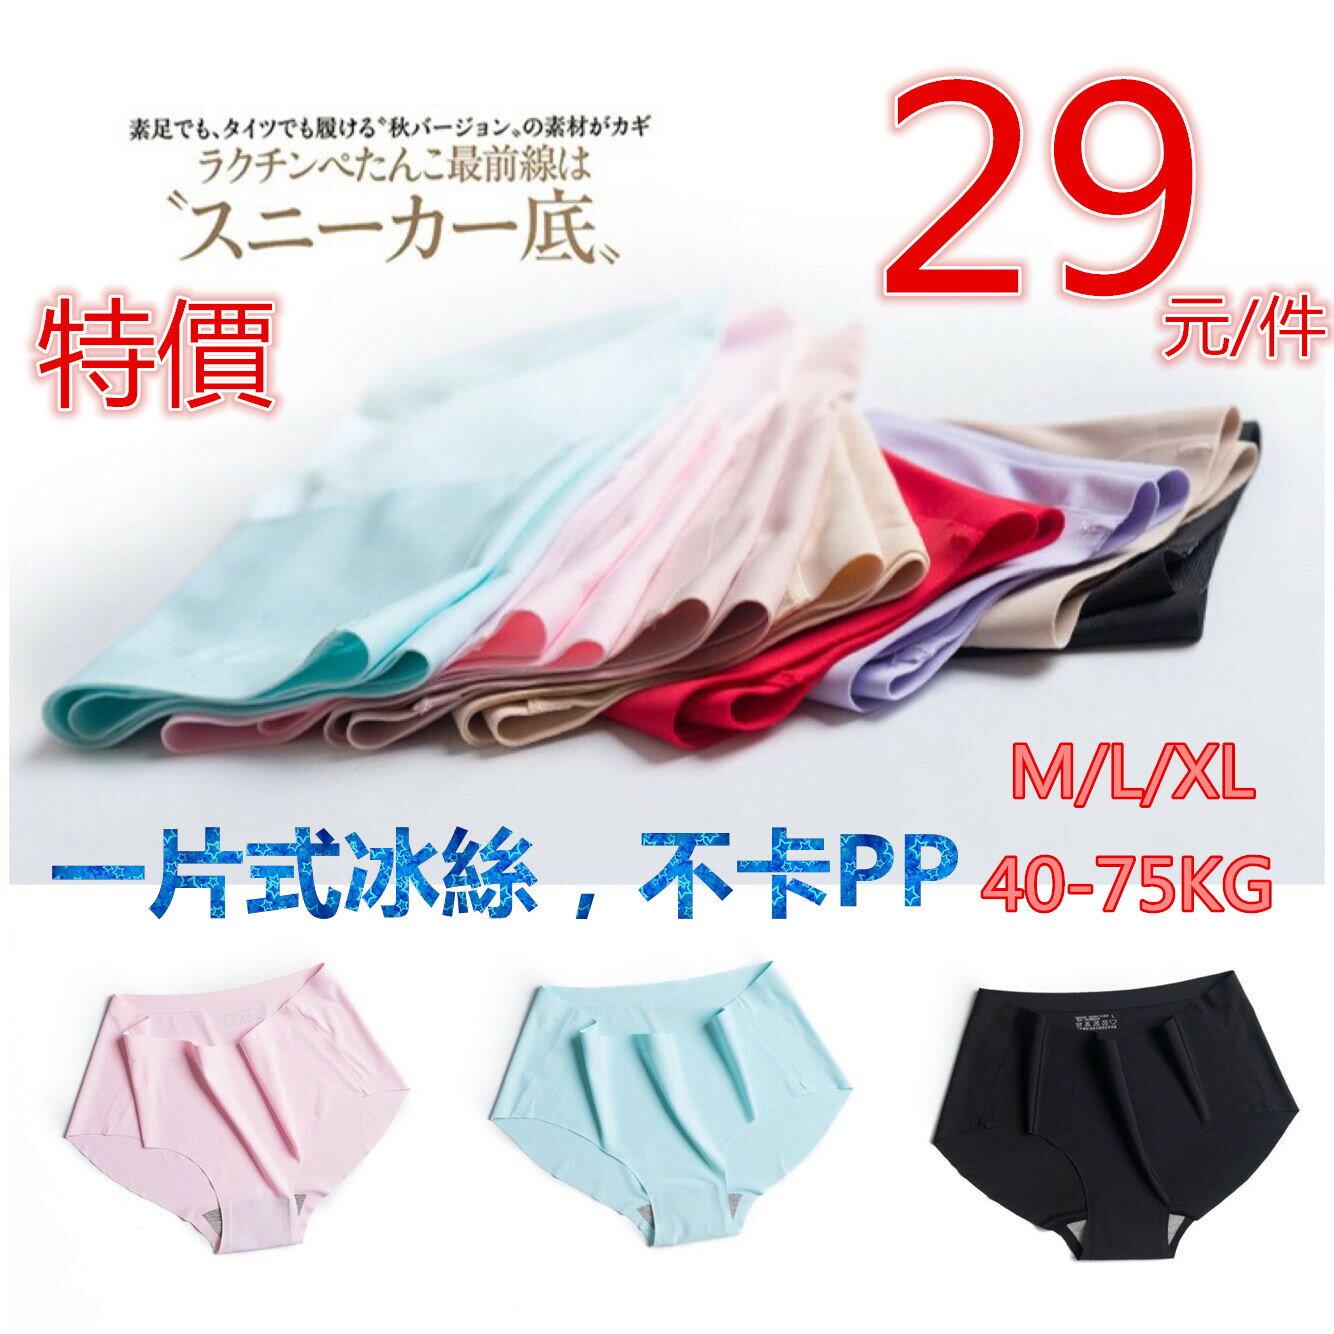 夏季大尺寸 XL一片式 冰絲無痕內褲 冰絲涼感超舒服 批發中腰性感 三角內褲女 少于4件不發貨